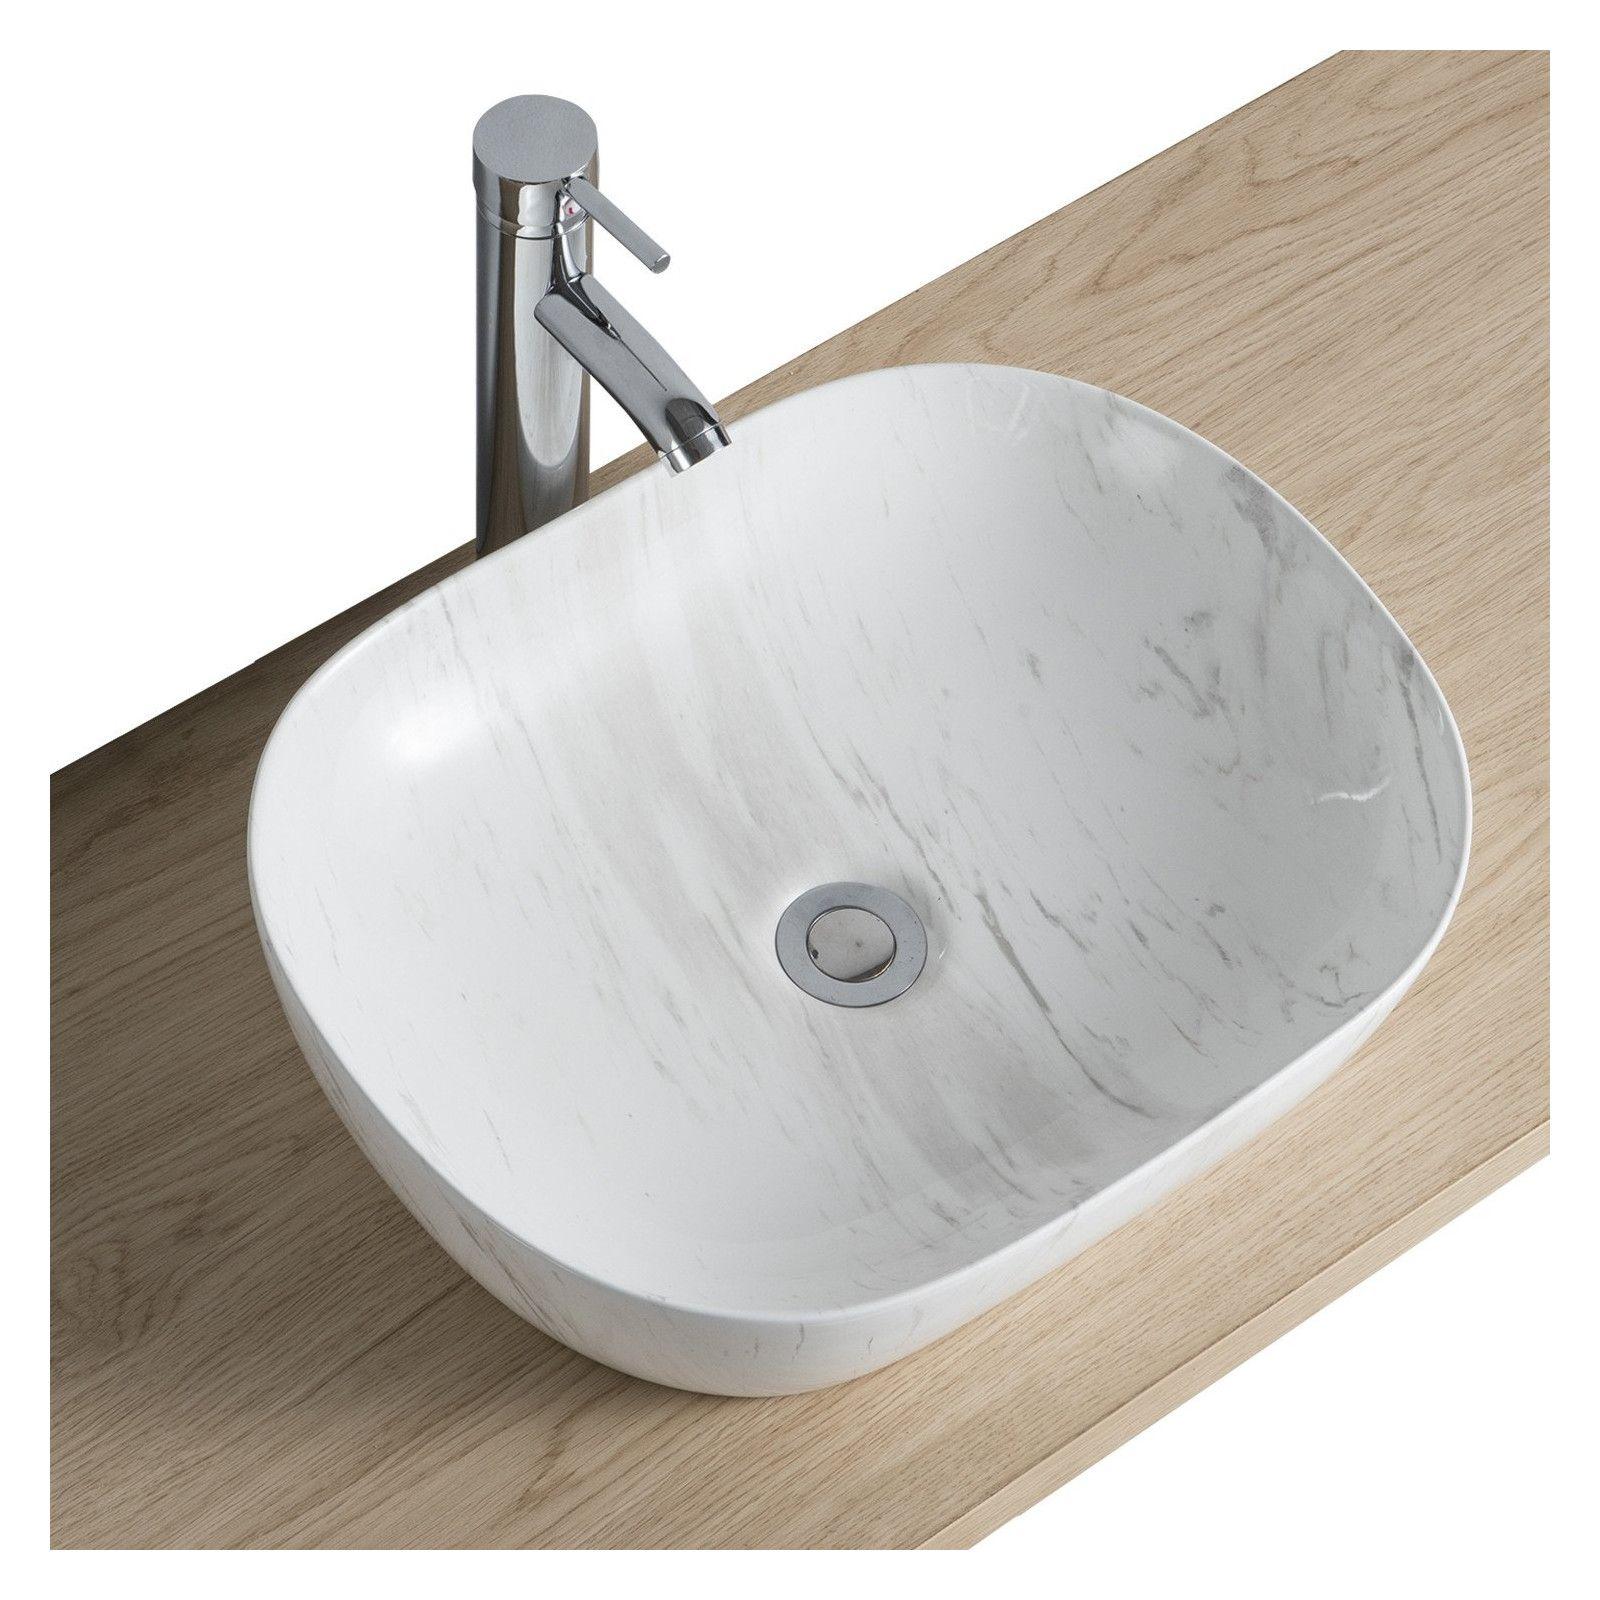 Vasque Salle de Bain à Poser en Céramique Imitation Marbre L46 x P37 VADIM